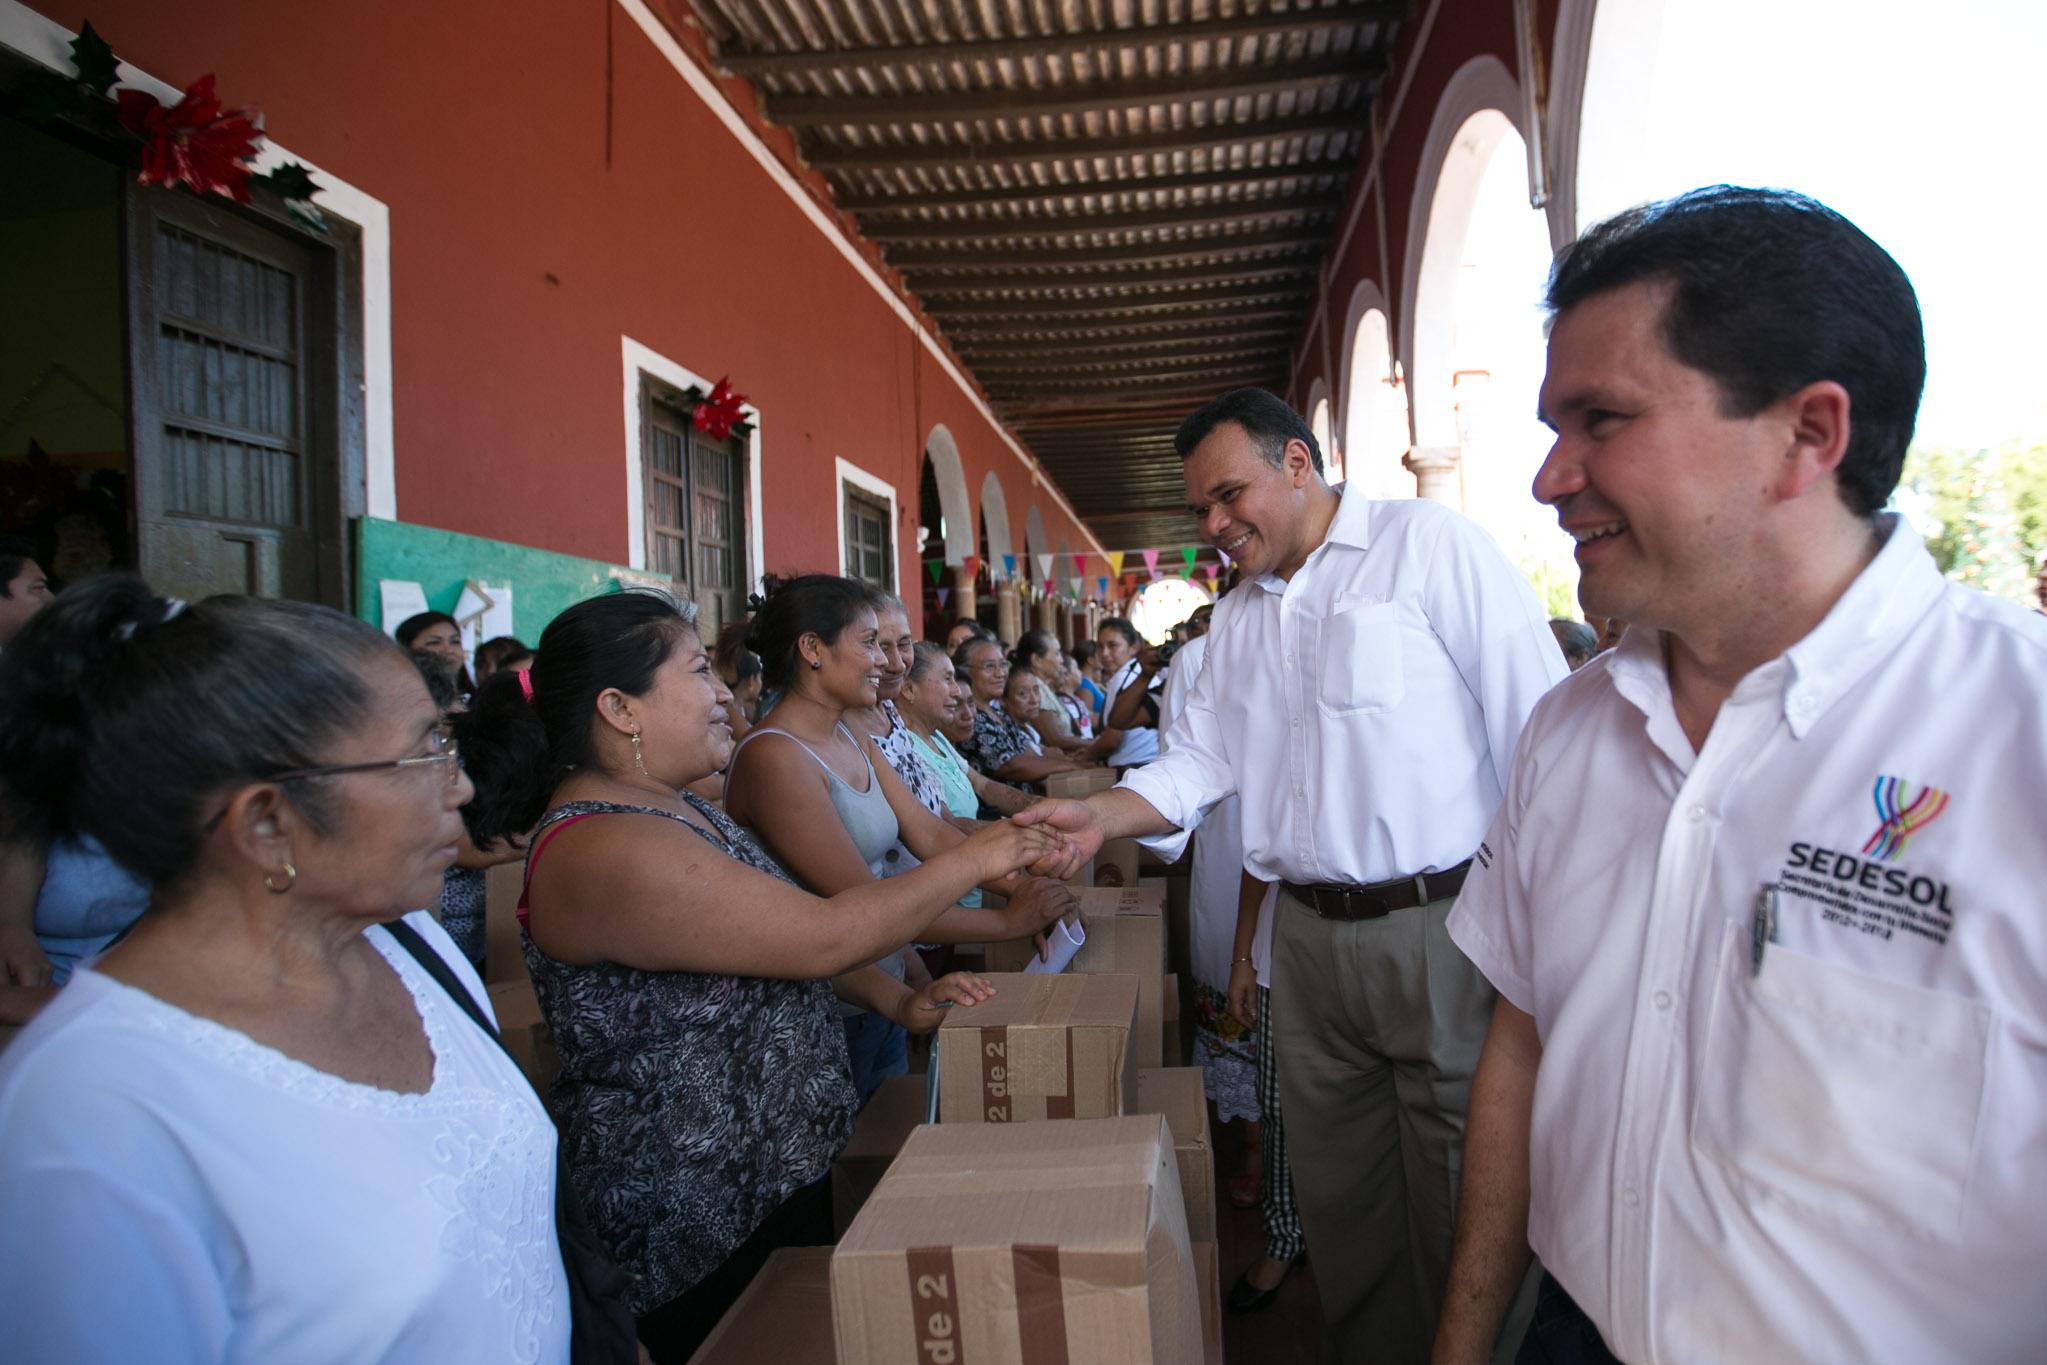 Darán estufas ecológicas a más de 17 mil familias yucatecas